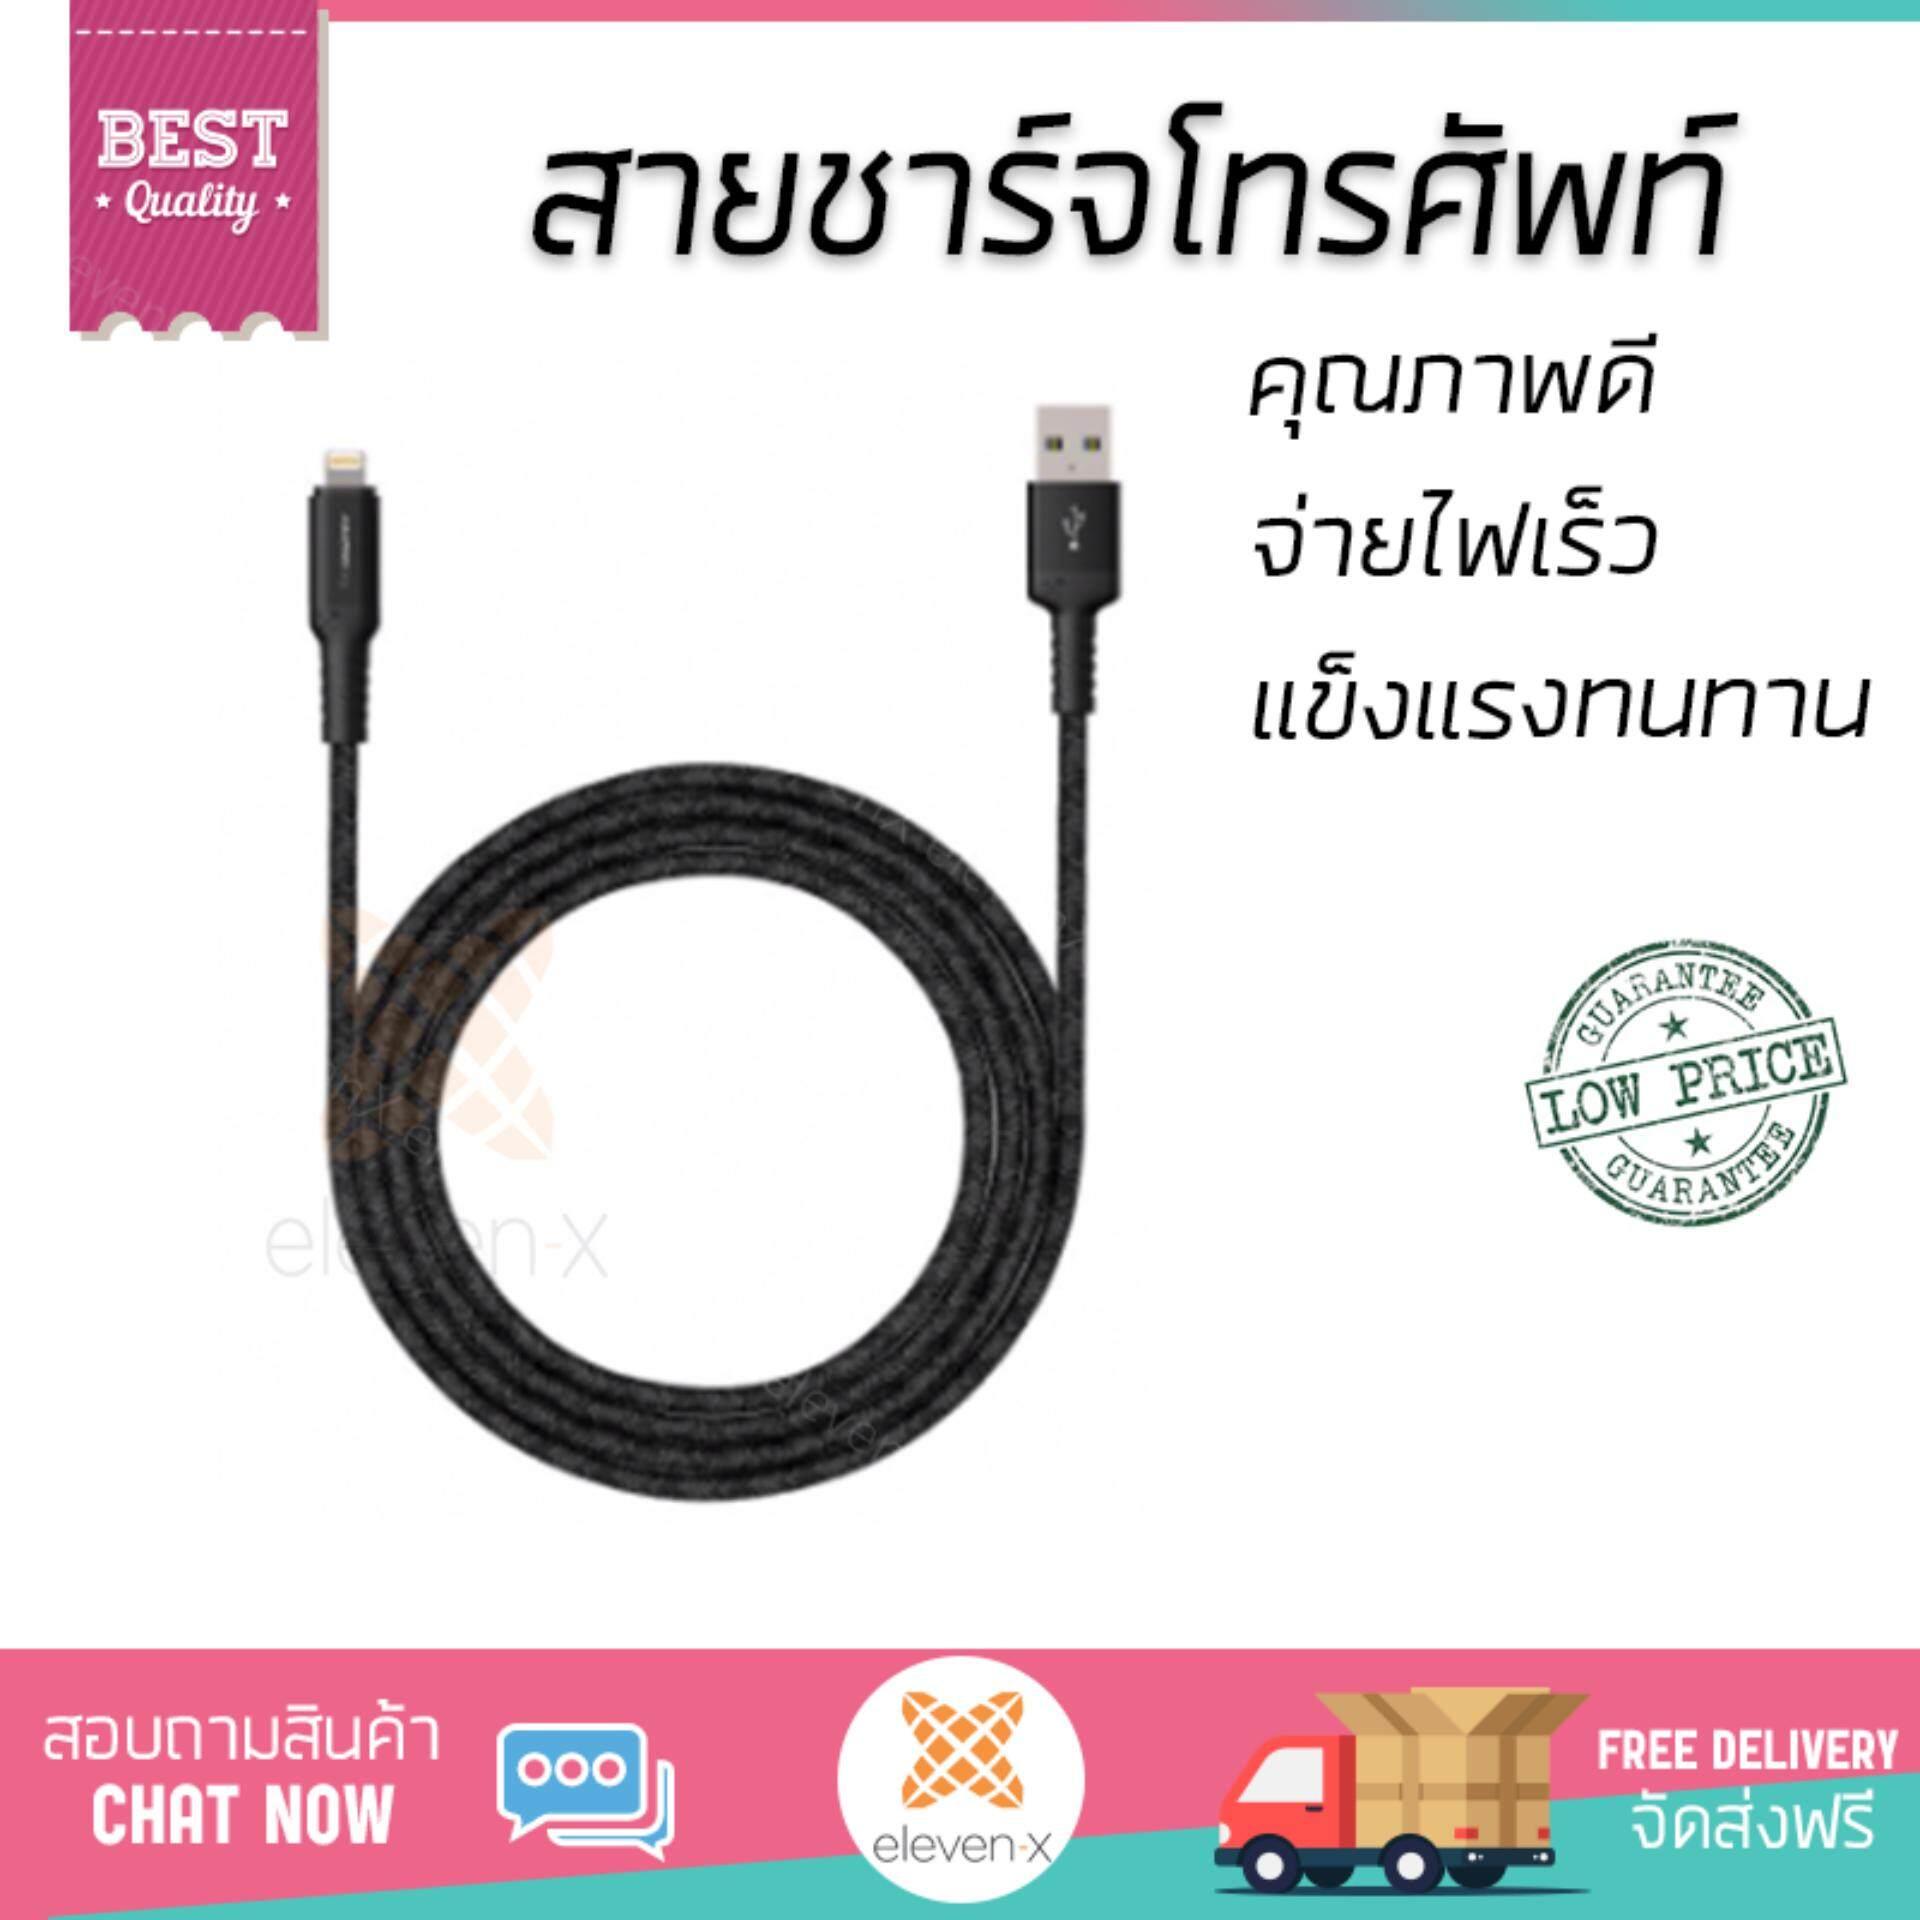 เก็บเงินปลายทางได้ ราคาพิเศษ รุ่นยอดนิยม สายชาร์จโทรศัพท์ AMAZINGthing Lightning Cable SupremeLink Bullet Shield 1M. Black สายชาร์จทนทาน แข็งแรง จ่ายไฟเร็ว Mobile Cable จัดส่งฟรี Kerry ทั่วประเทศ